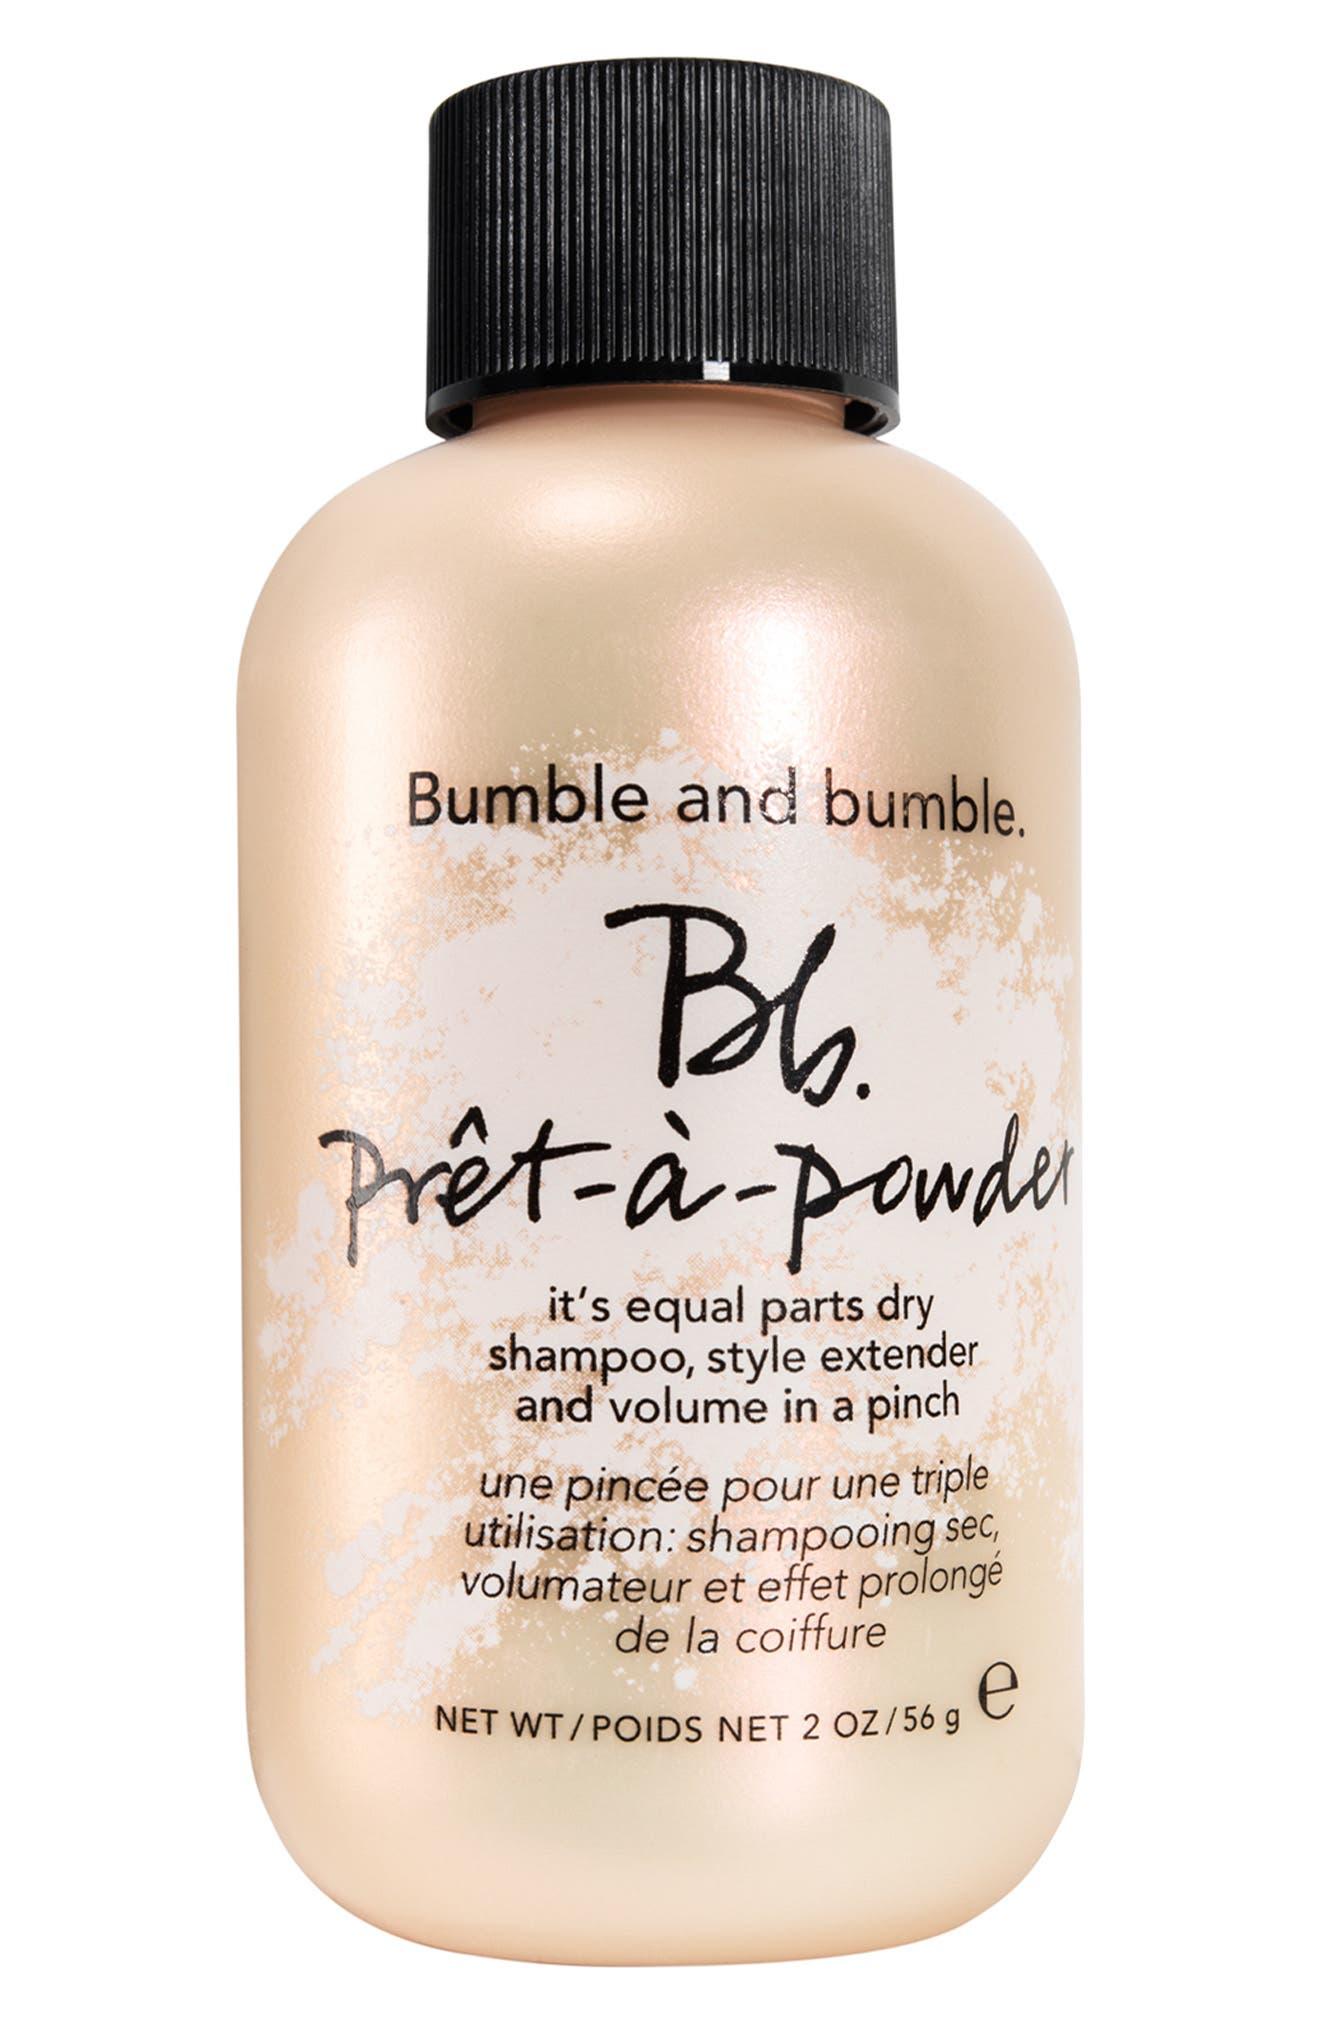 BUMBLE AND BUMBLE. Bumble and bumble Prêt-a-Powder, Main, color, NO COLOR